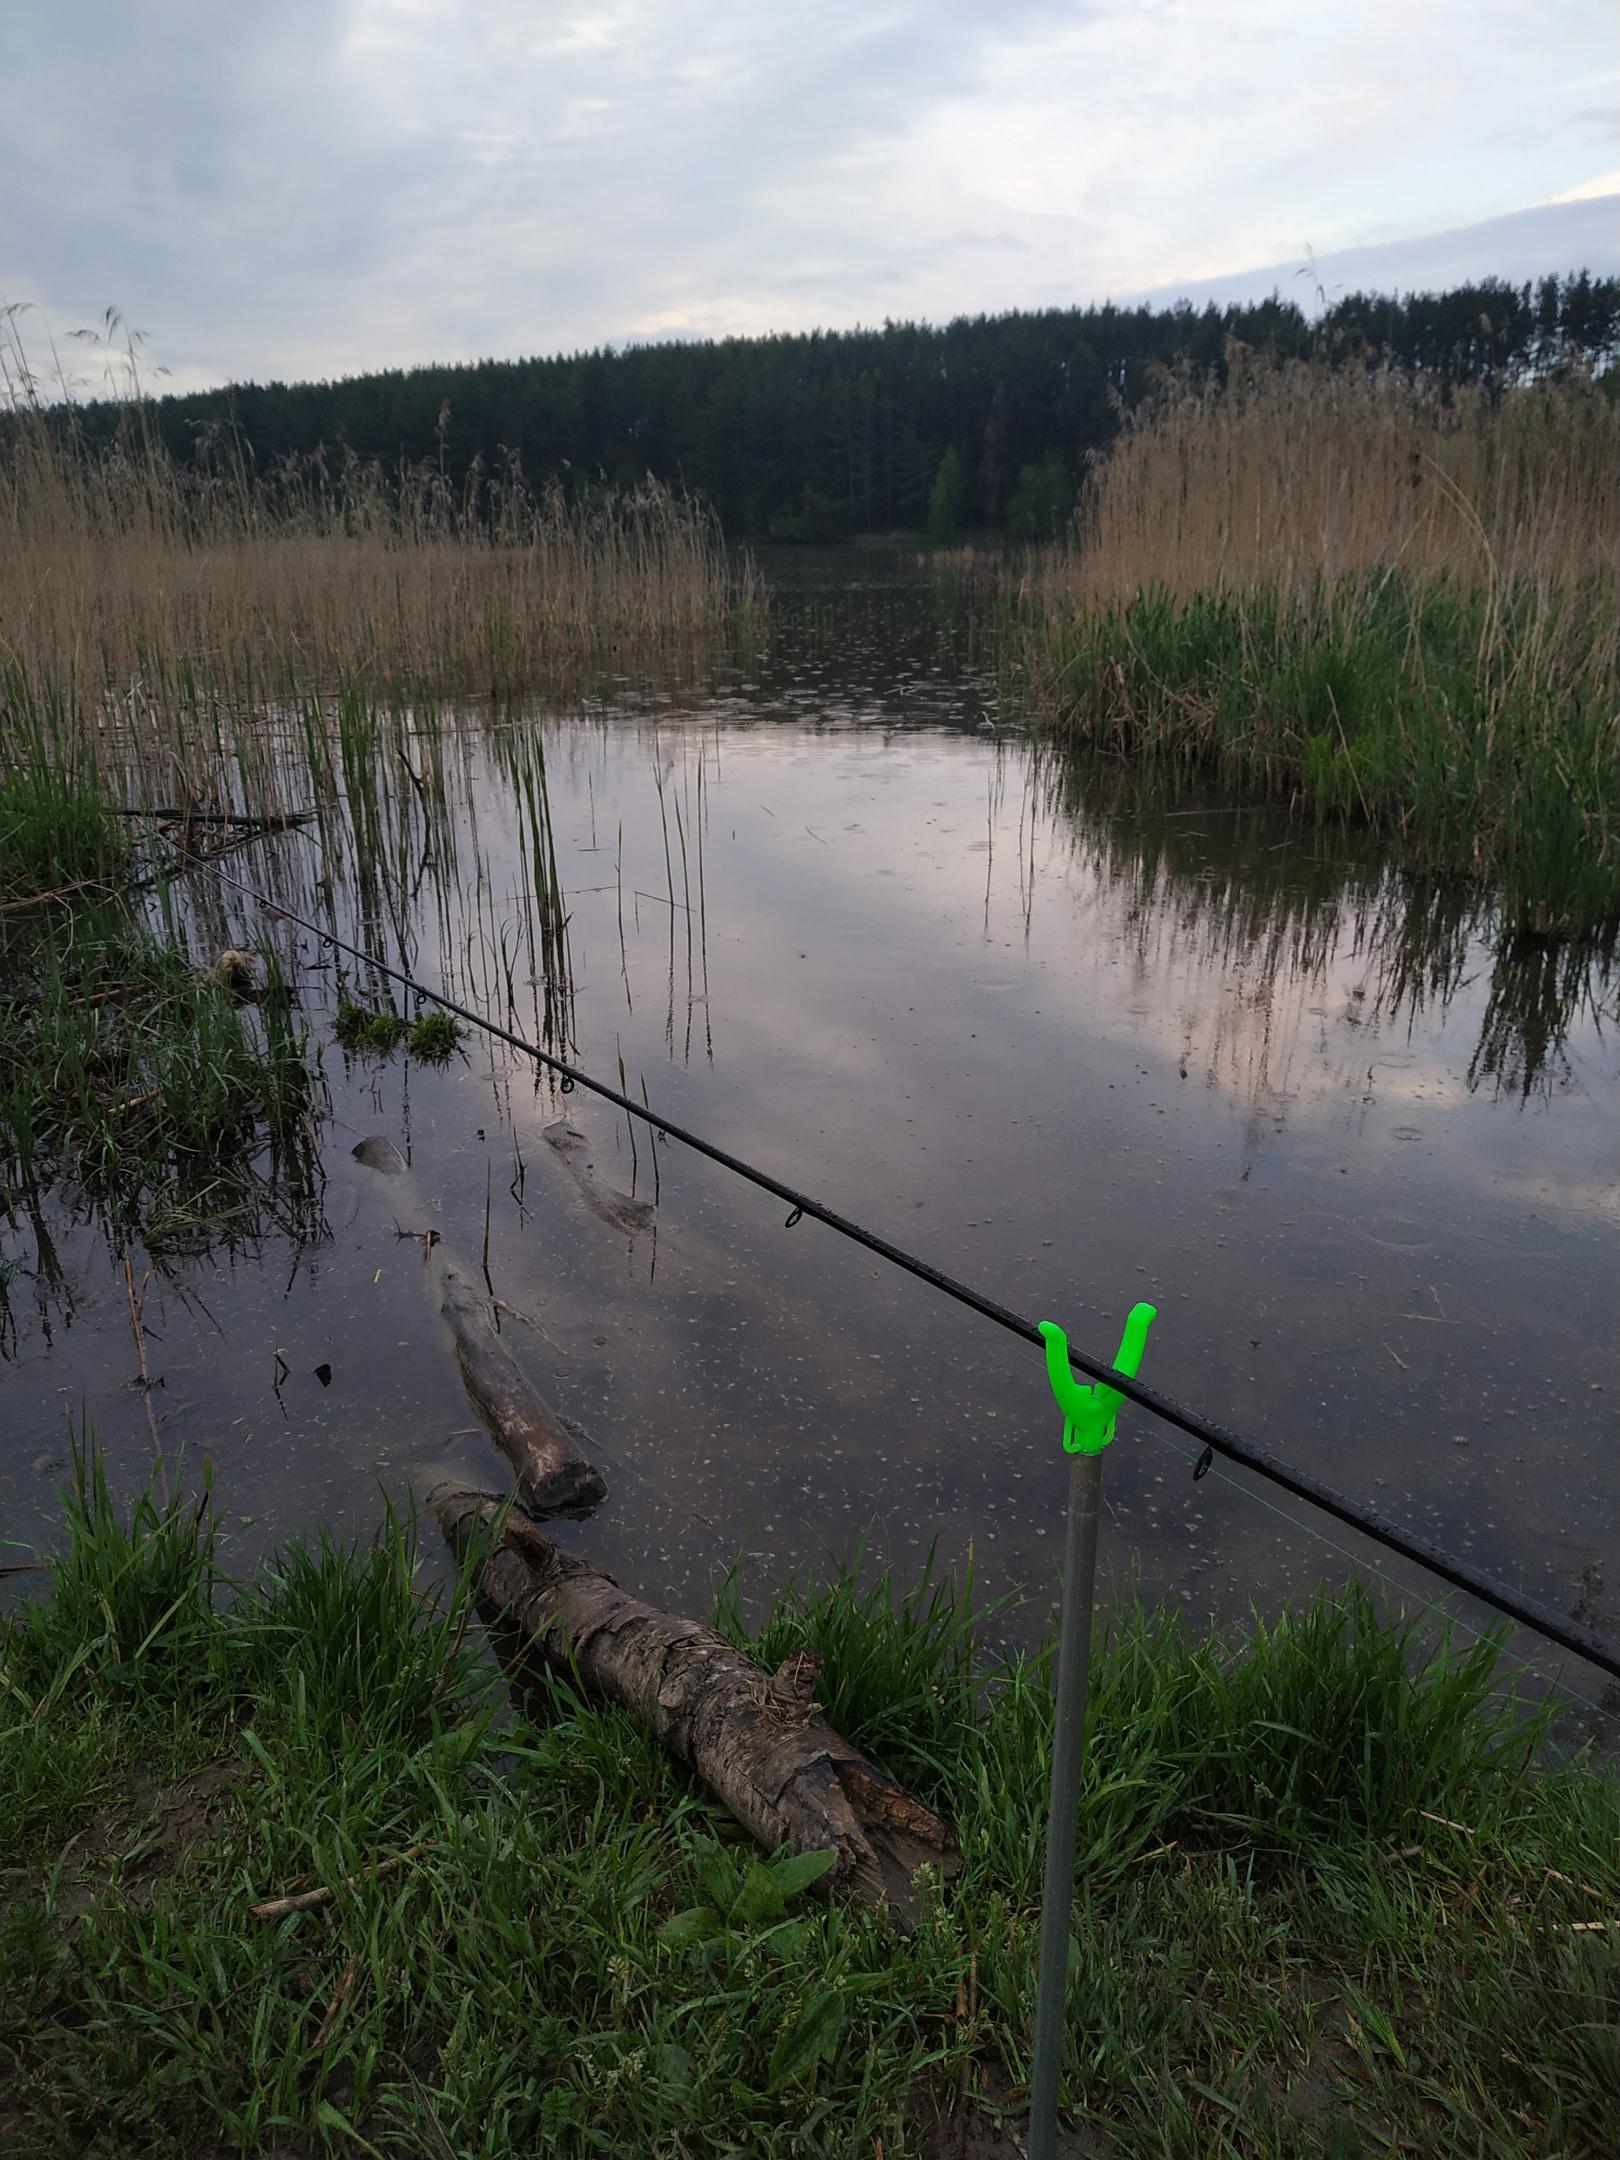 Побывал, можно сказать, на водоеме. Сунулись в болото ...   Отчеты о рыбалке в Беларуси